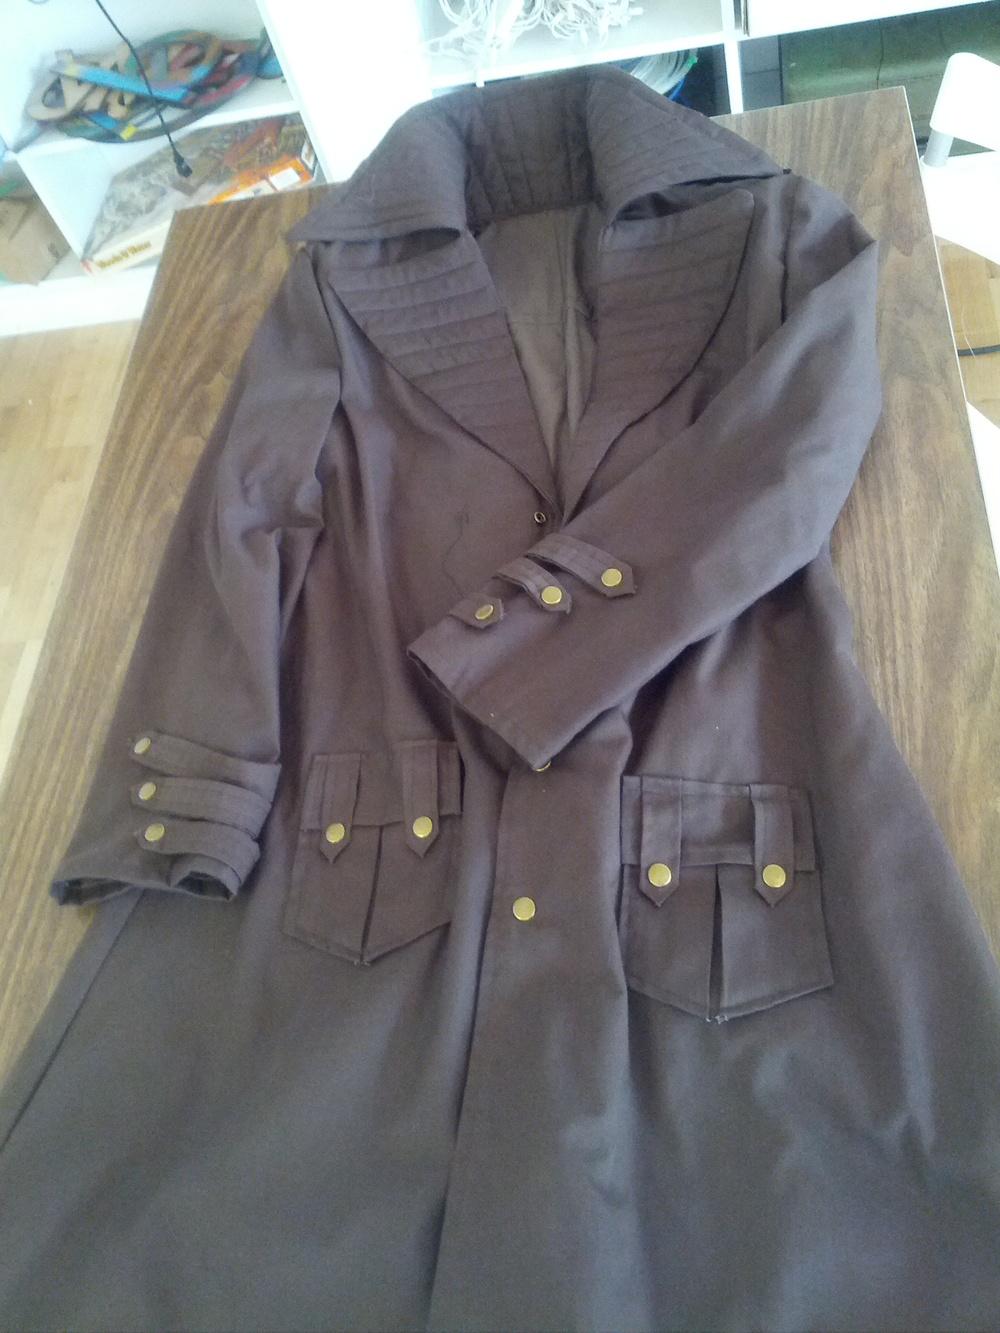 Gambit Jacket